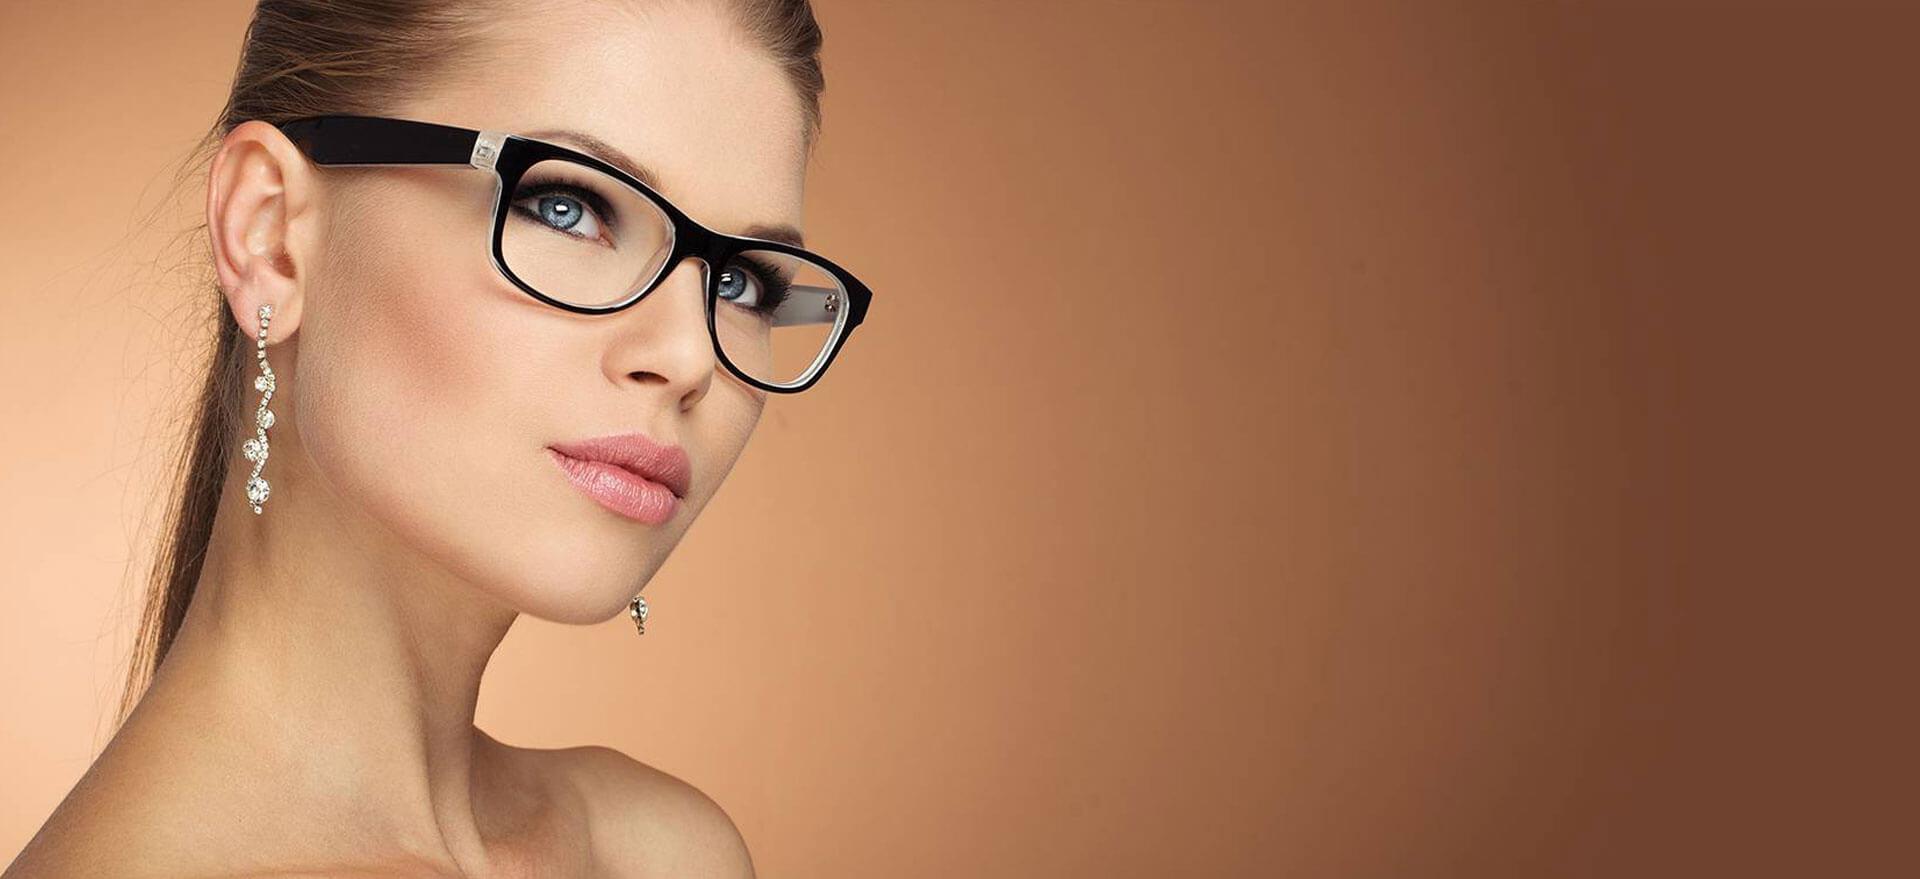 divatos szemüveg debrecenben